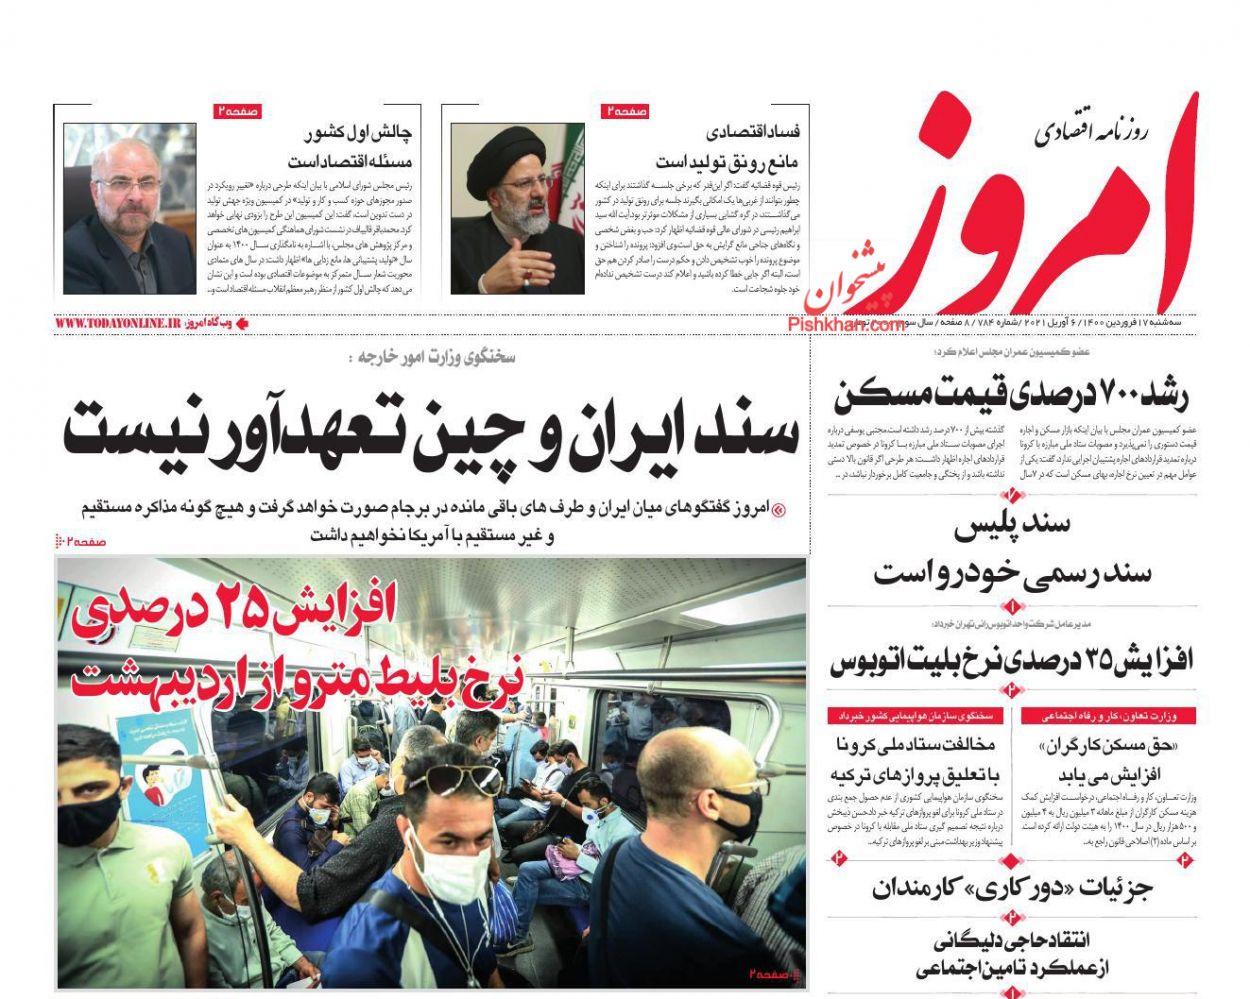 عناوین اخبار روزنامه امروز در روز سهشنبه ۱۷ فروردين